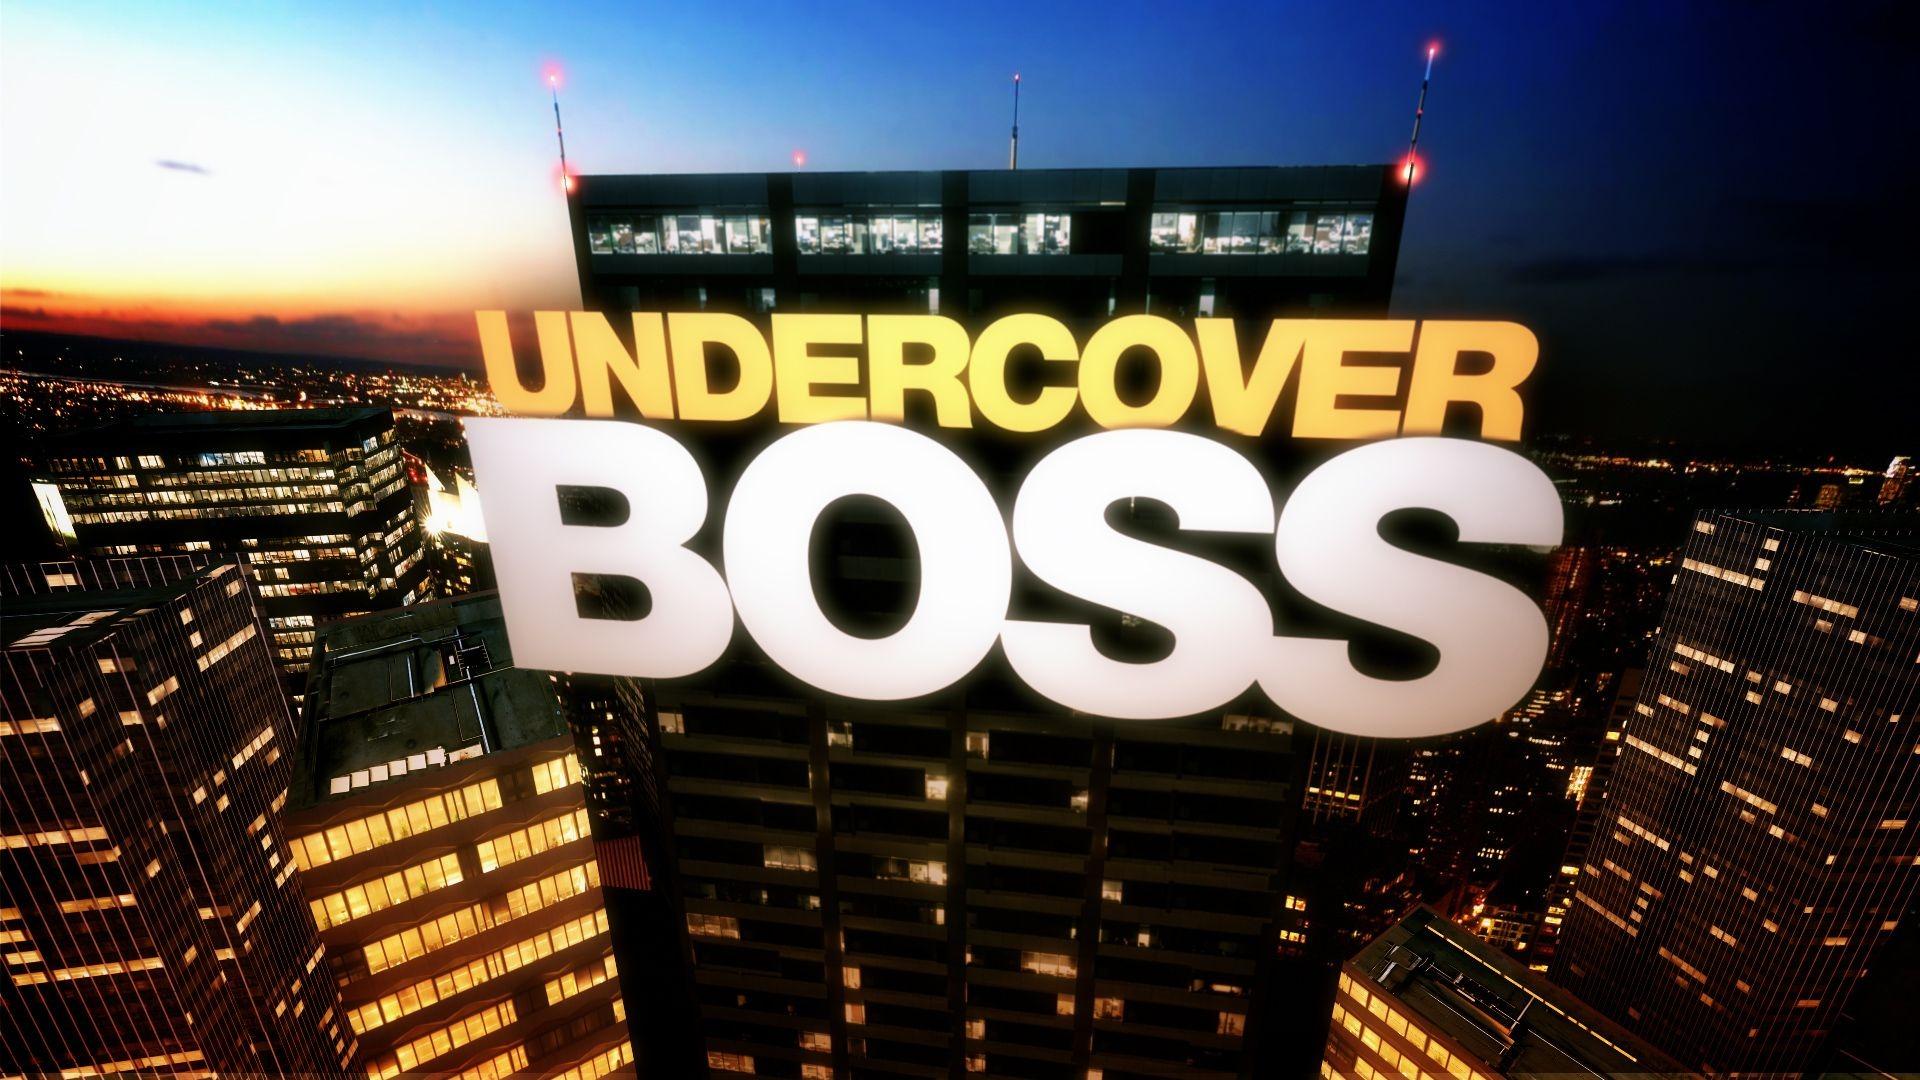 undercover-boss-logo.jpg